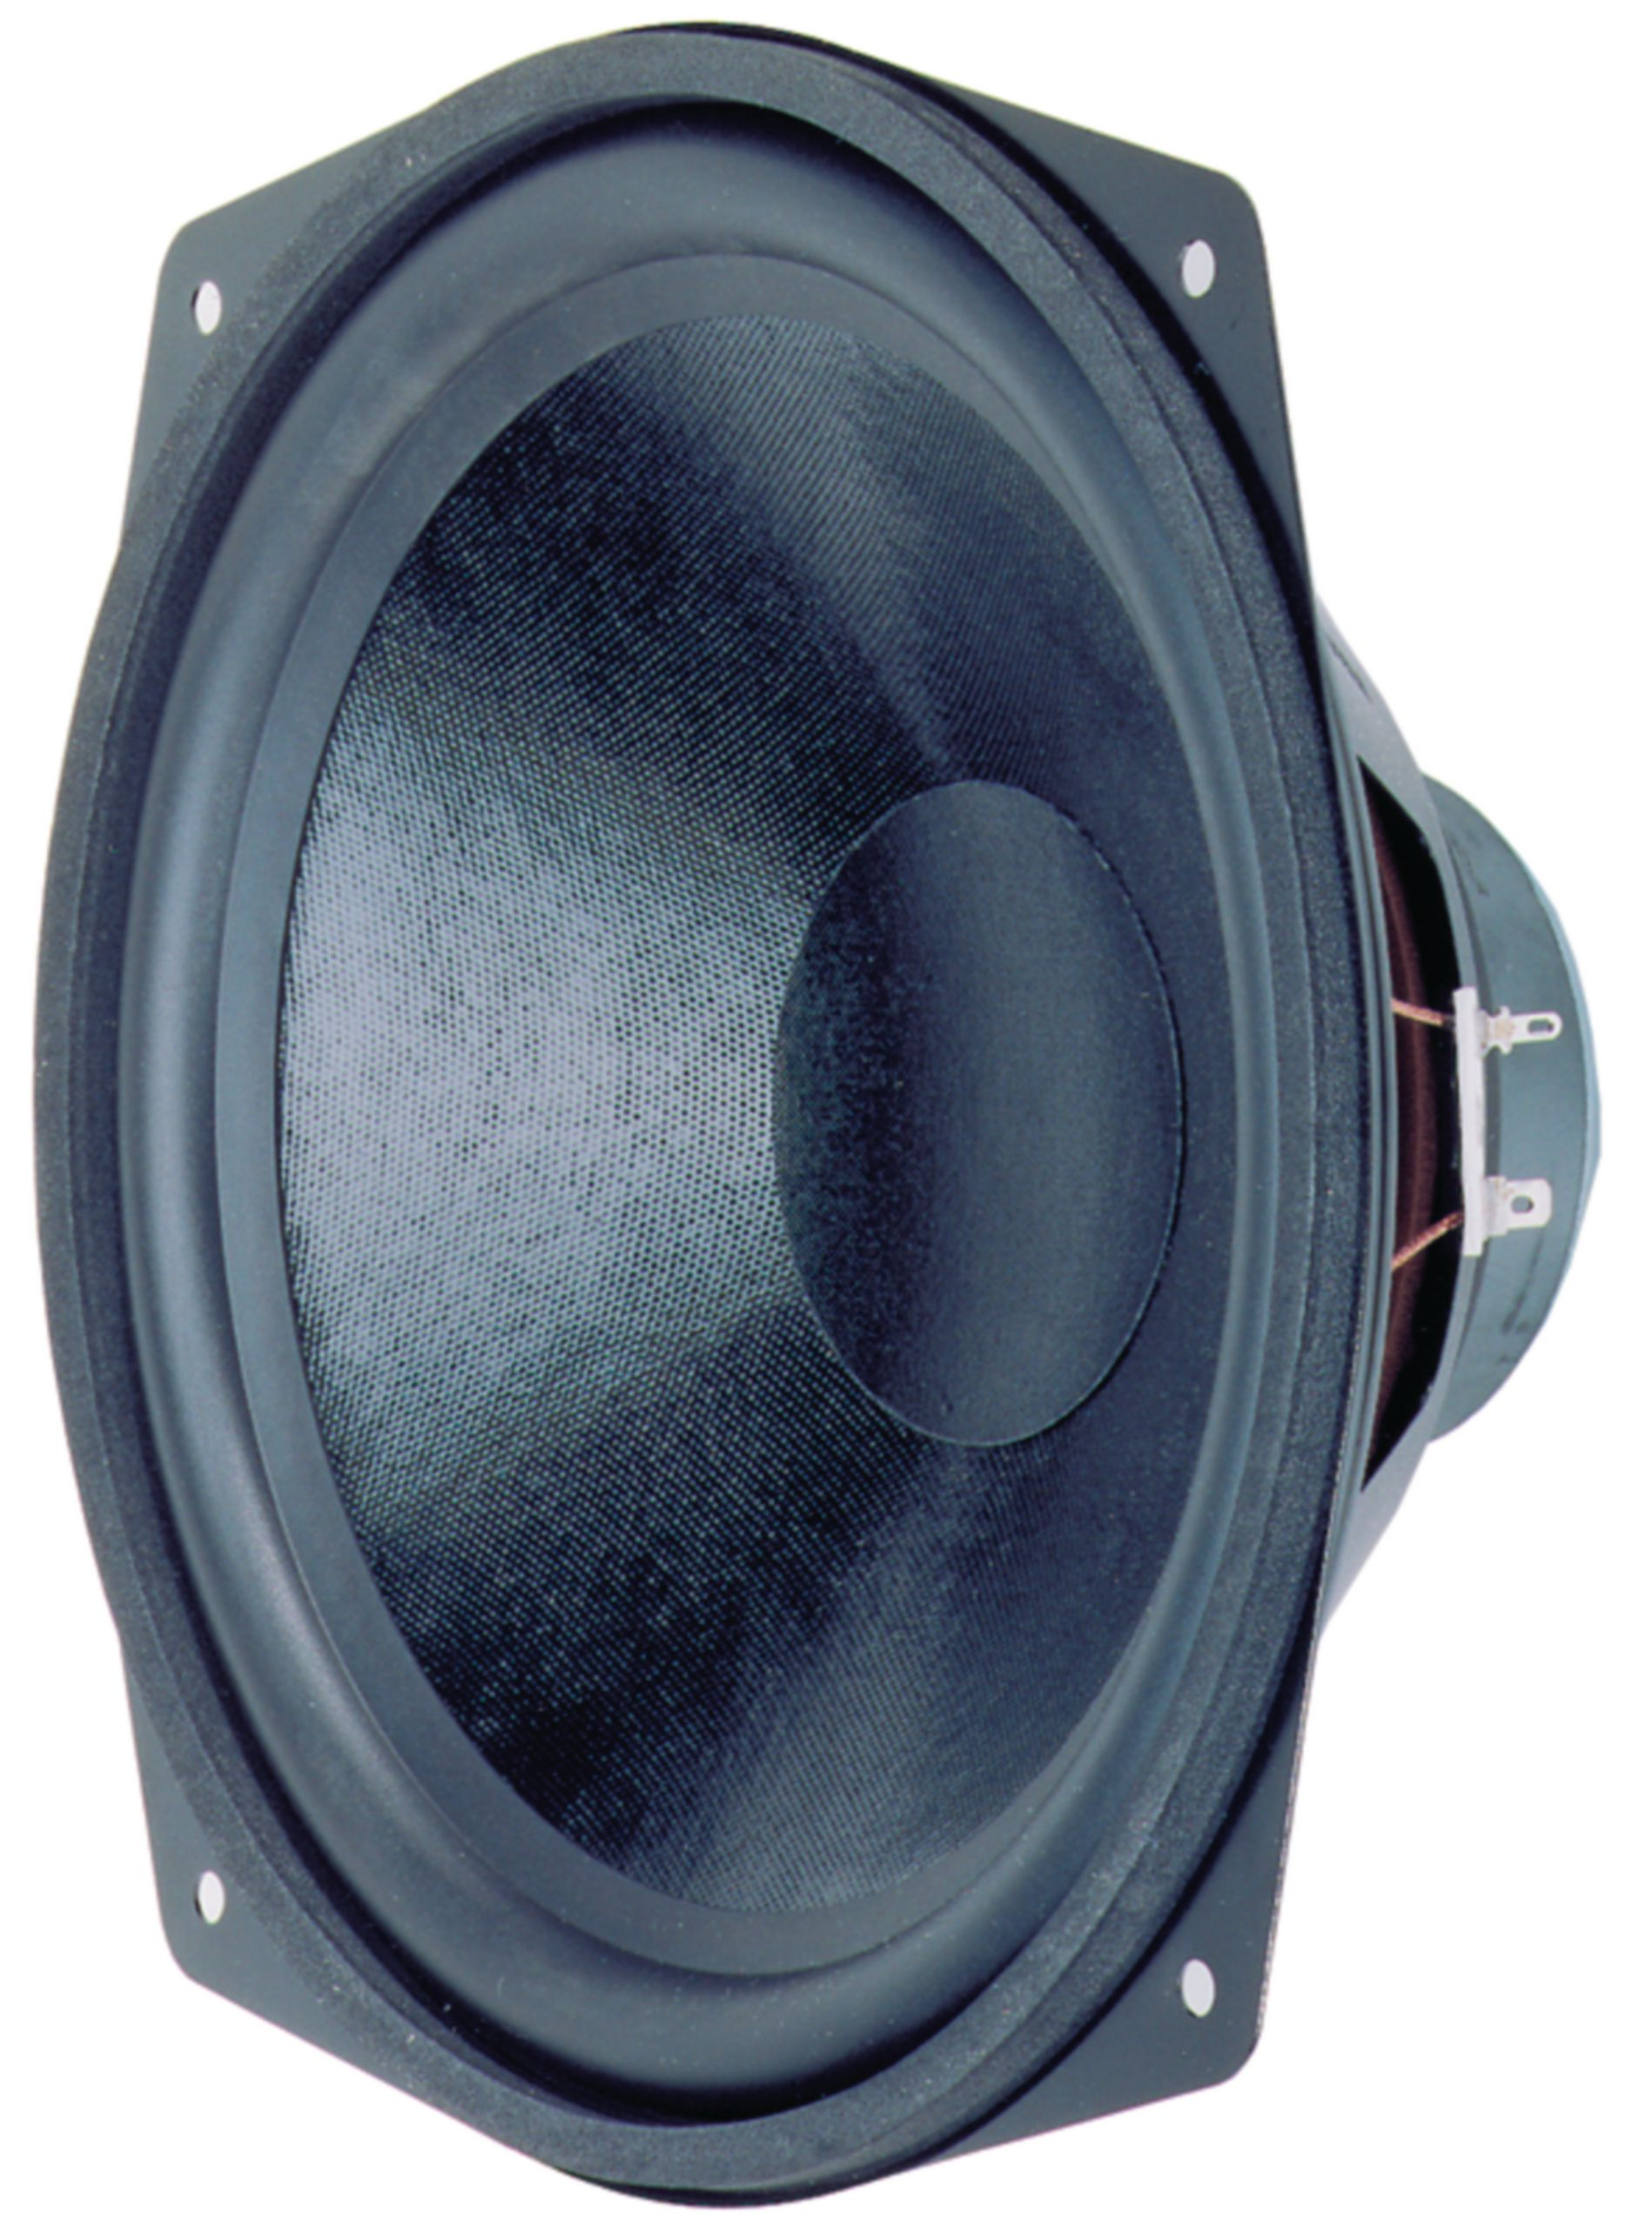 Basový reproduktor 8 Ohm 110 W Visaton, VS-WS25E/8